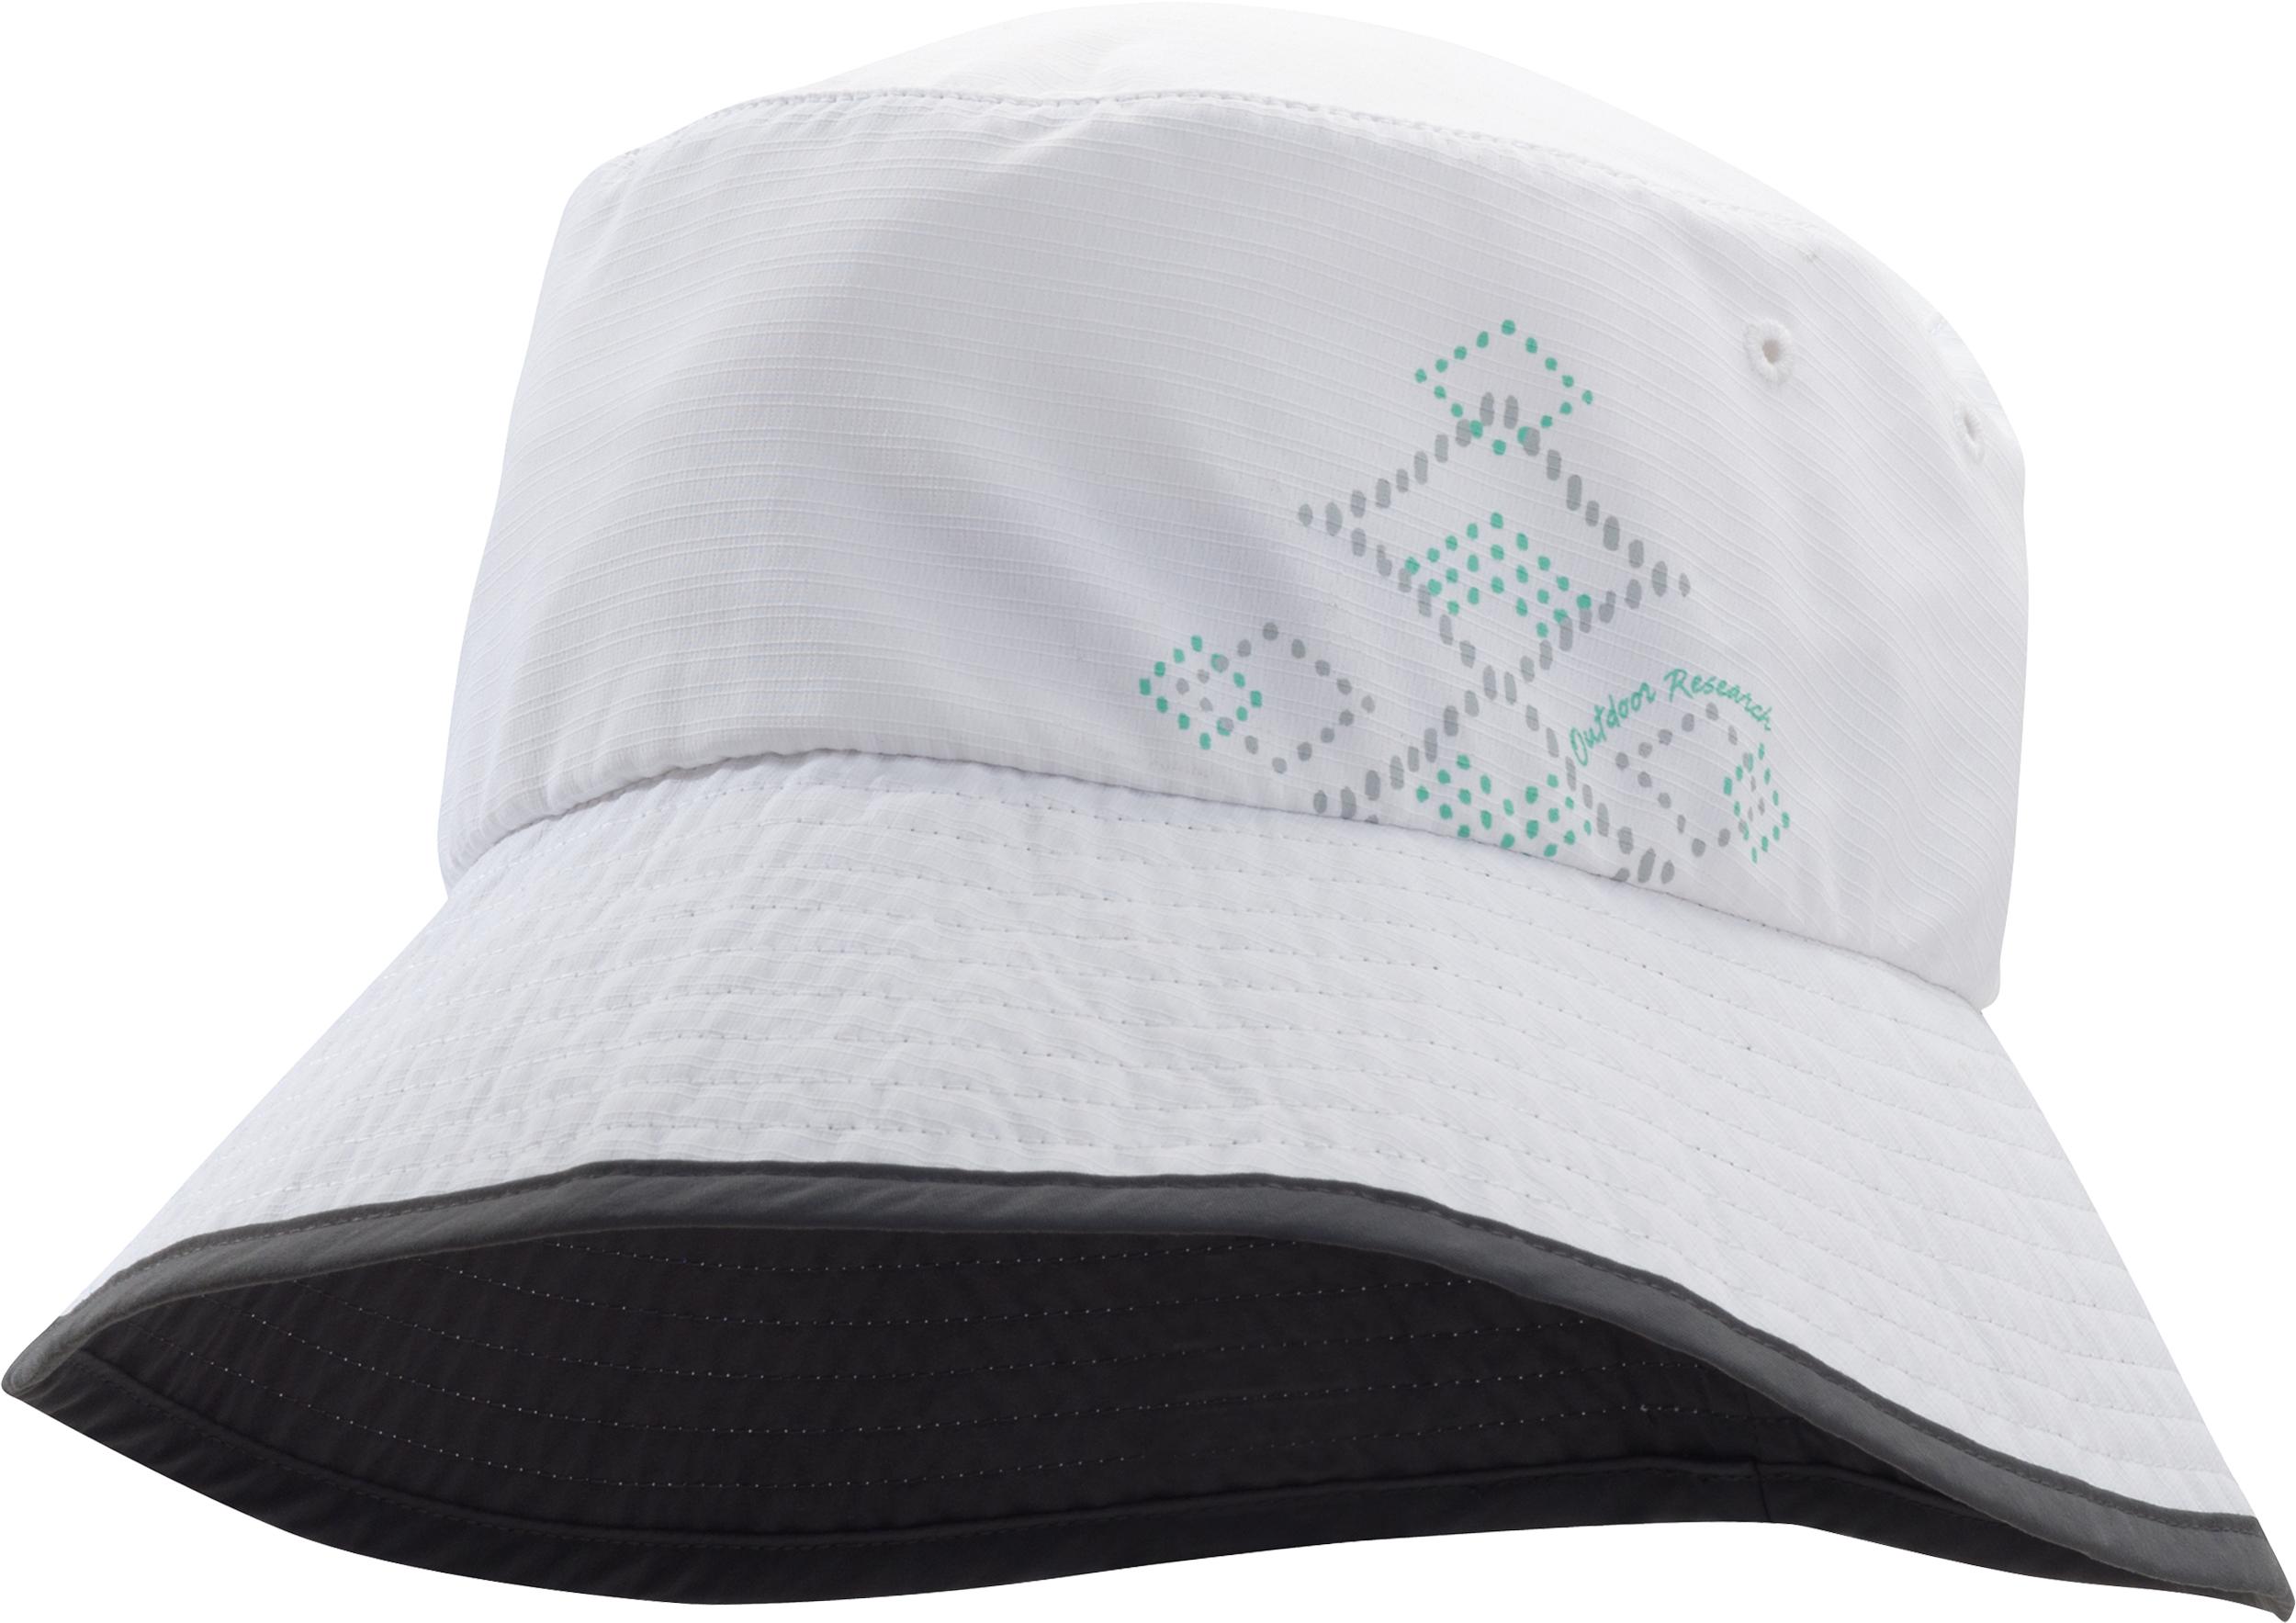 c7babd6619c Outdoor Research Solaris Bucket Hat - Women s